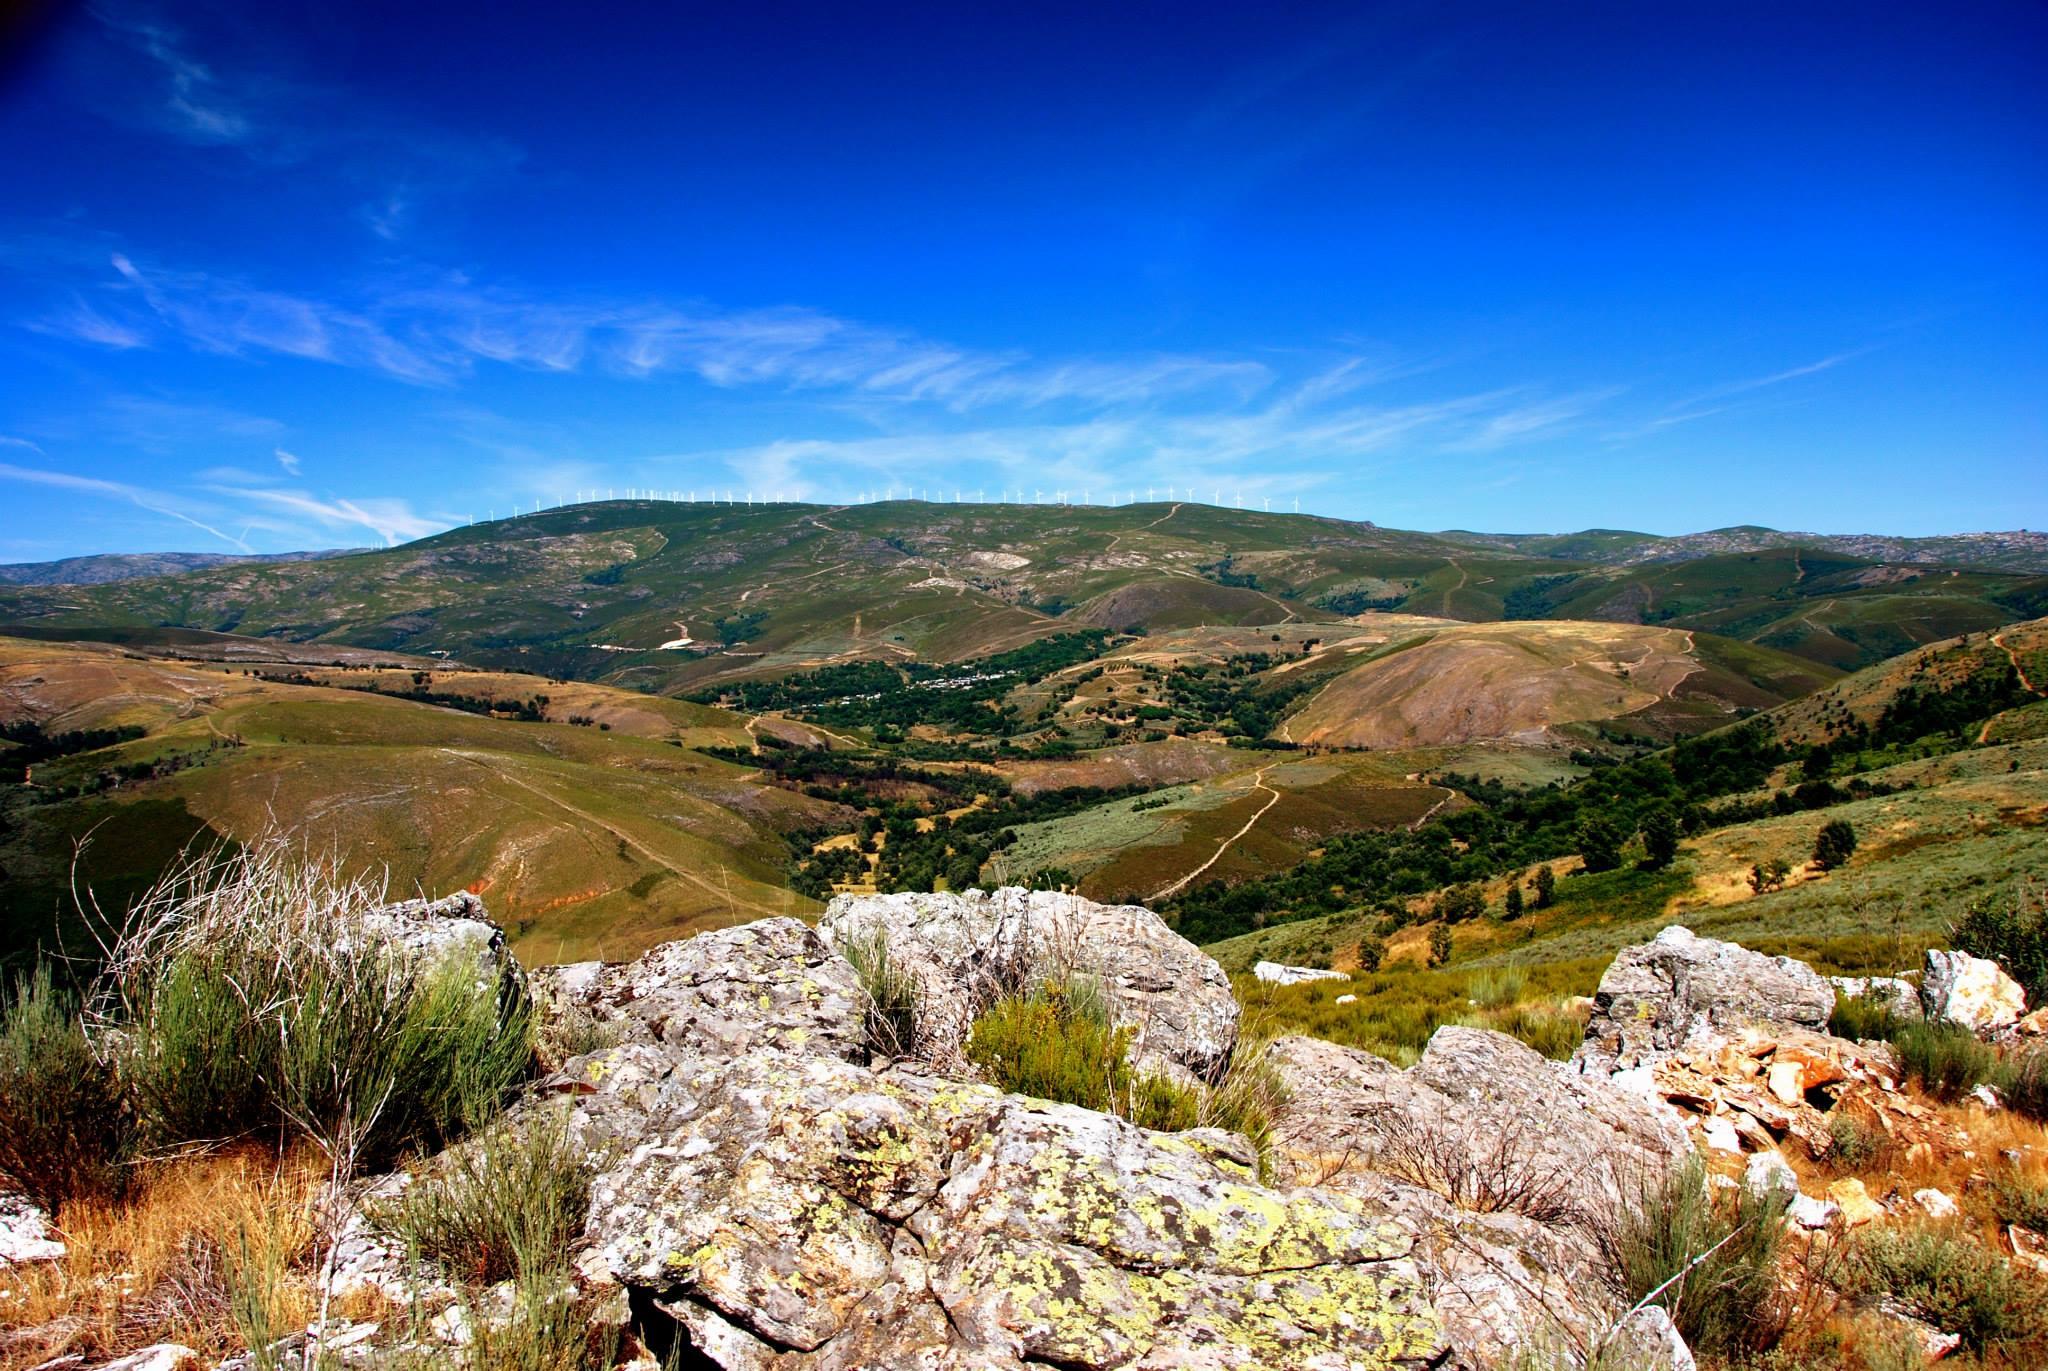 AEPGA opõe-se a mina perto do Parque Natural de Montesinho